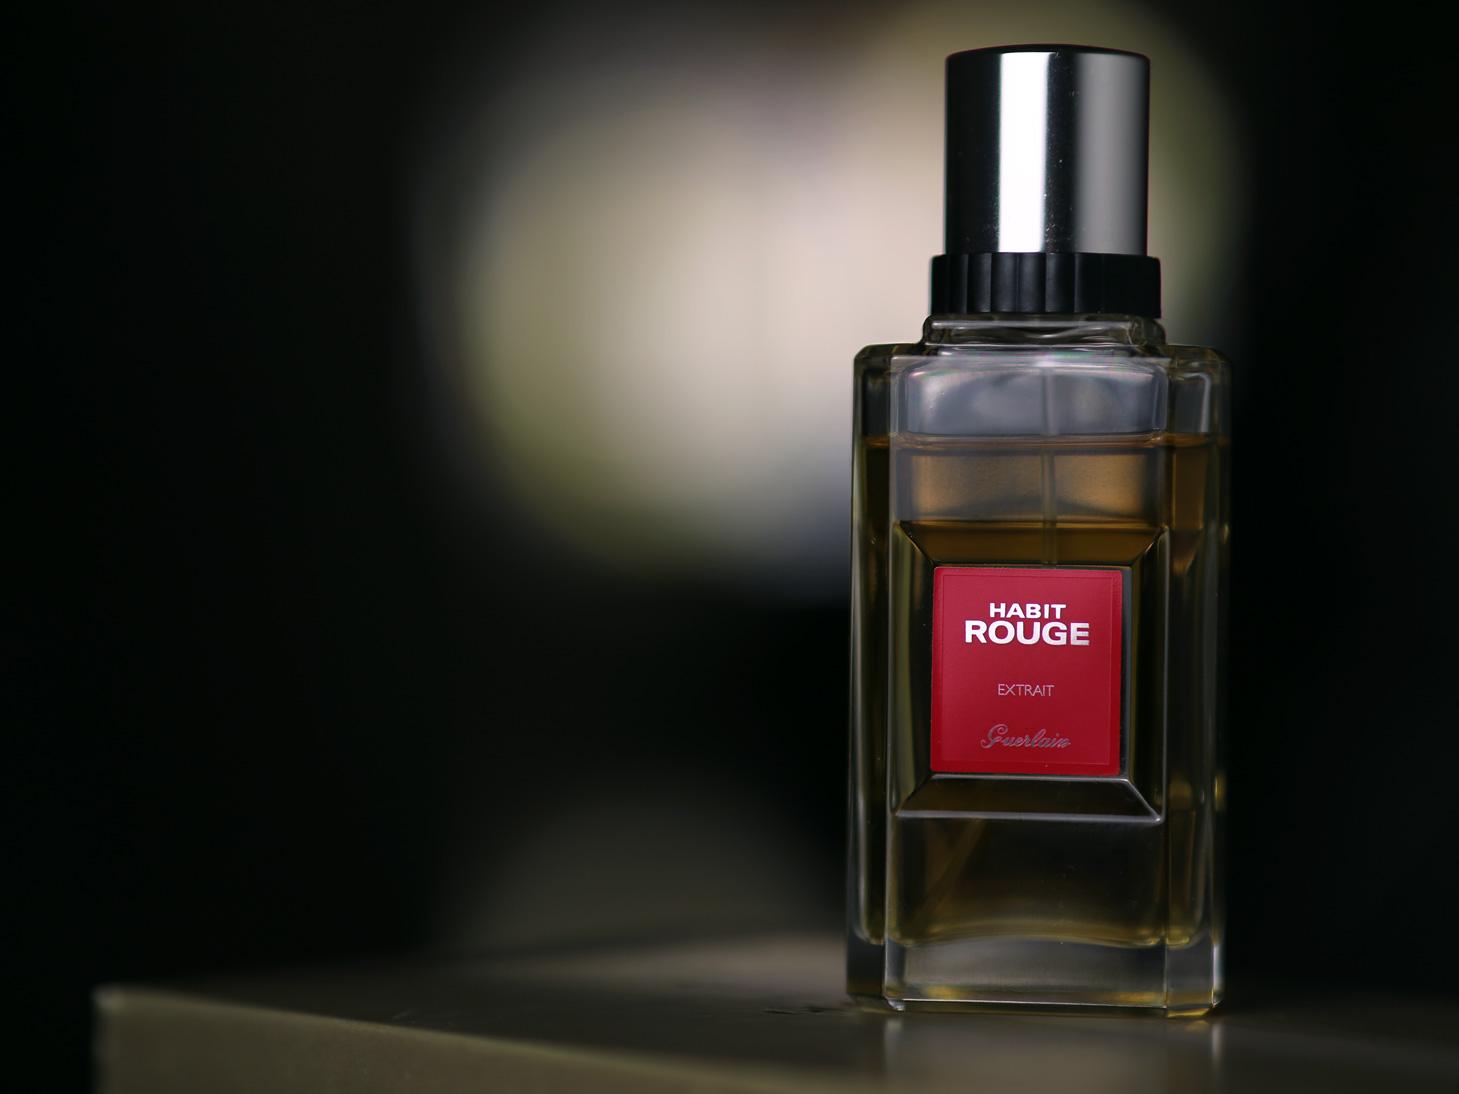 Les Parfums Dhomme Que Les Femmes Préfèrent Magazine Ravage